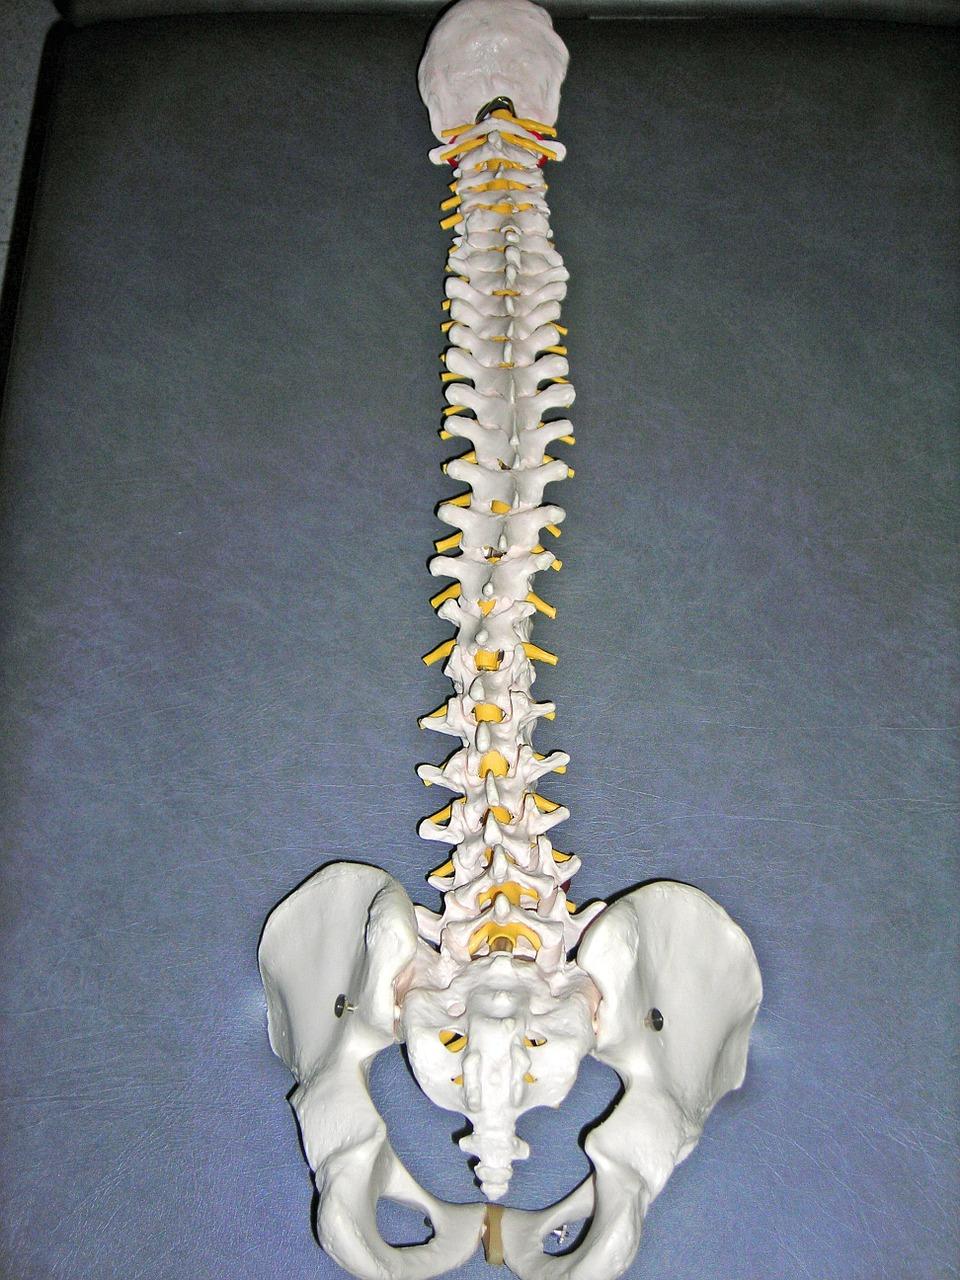 dyskopatia ból kręgosłupa